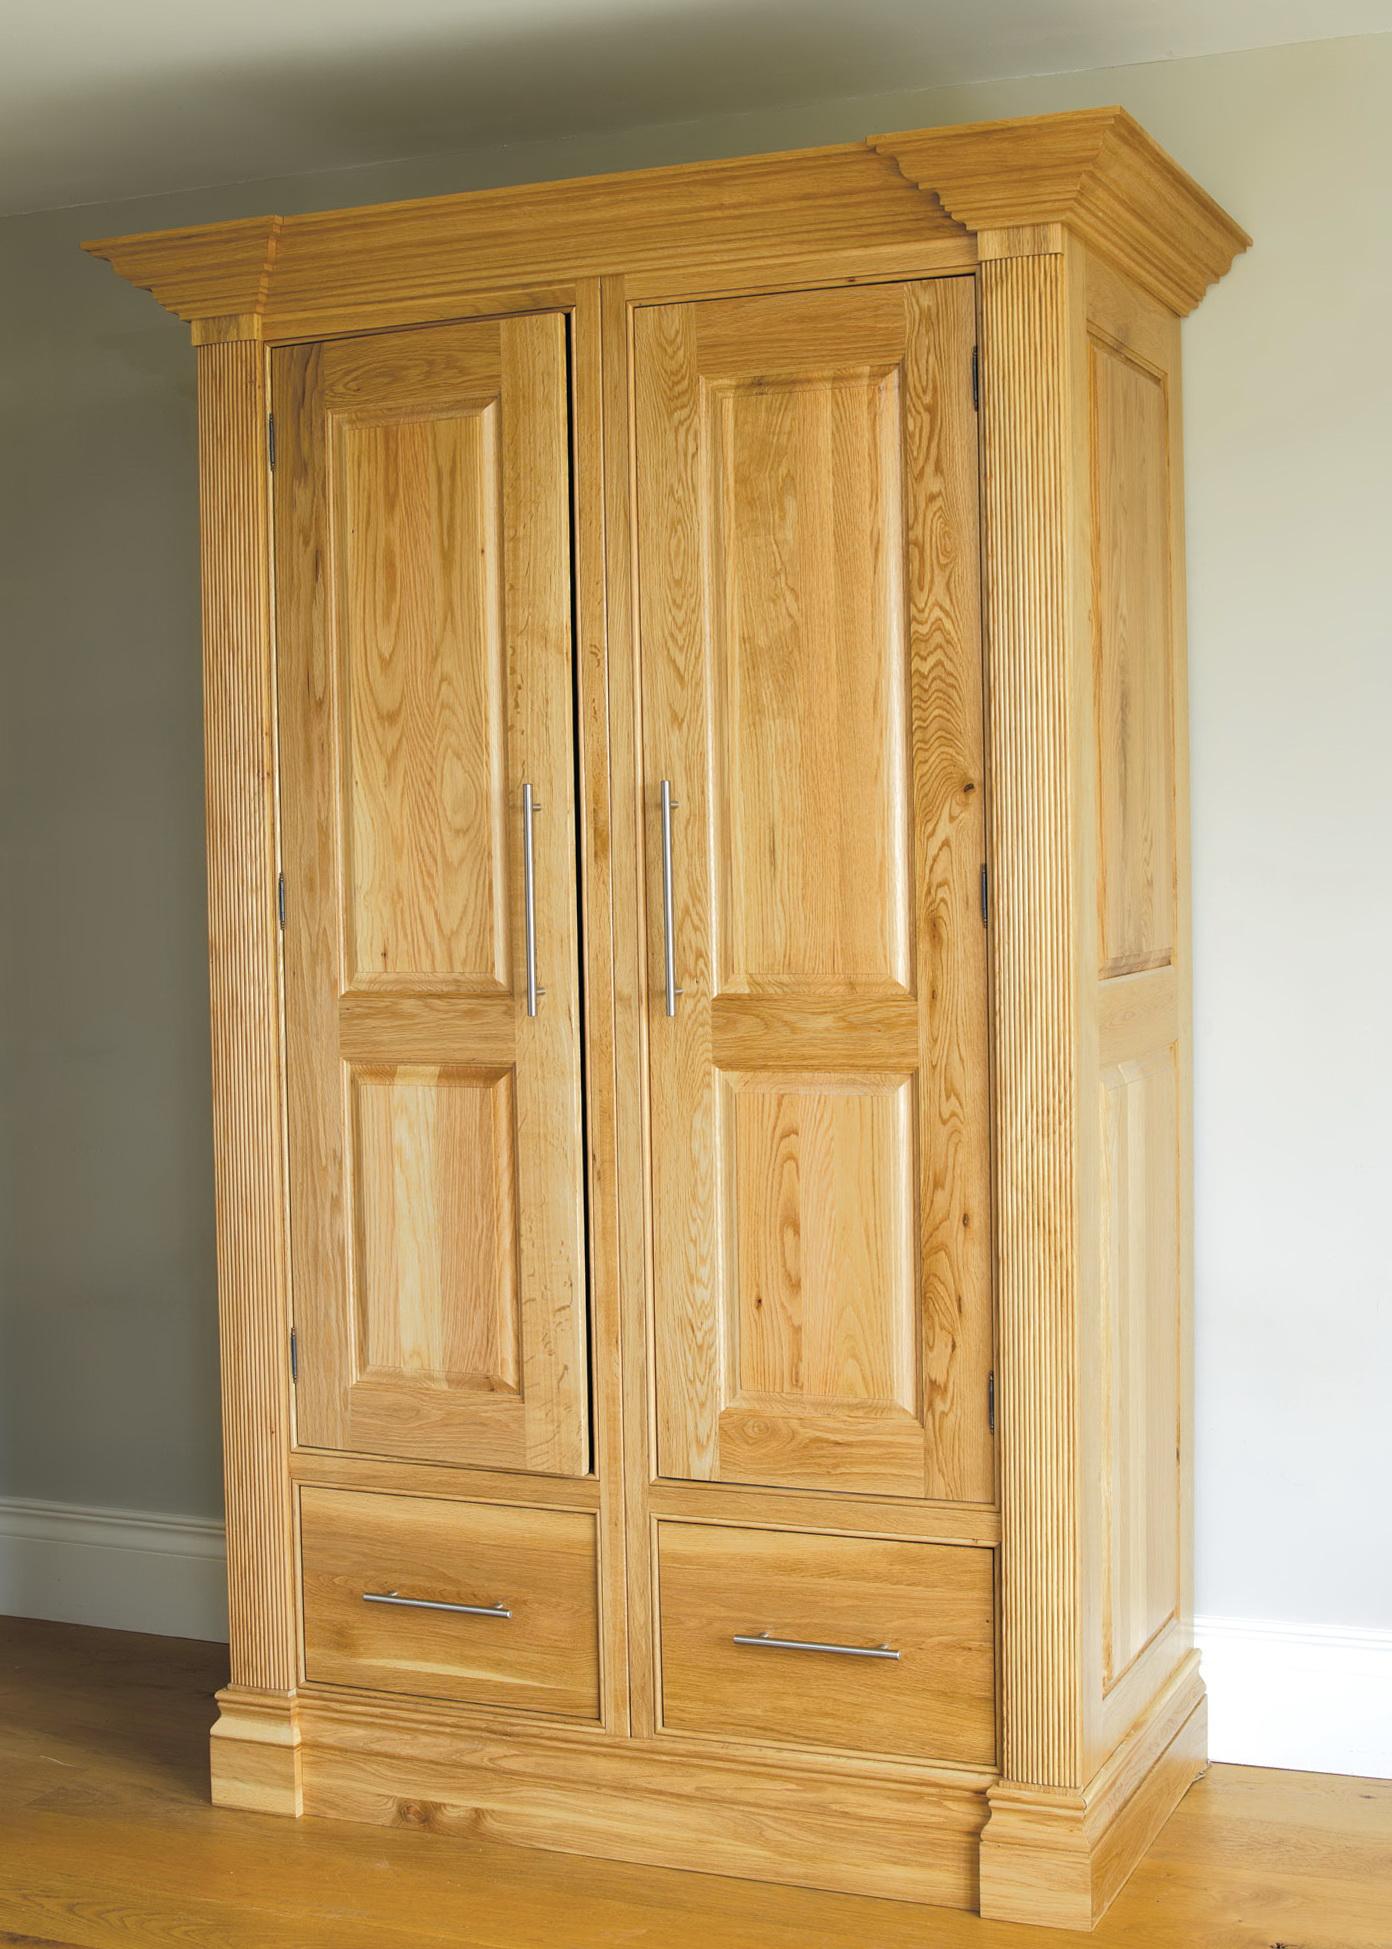 Wooden Gun Cabinet Blueprints